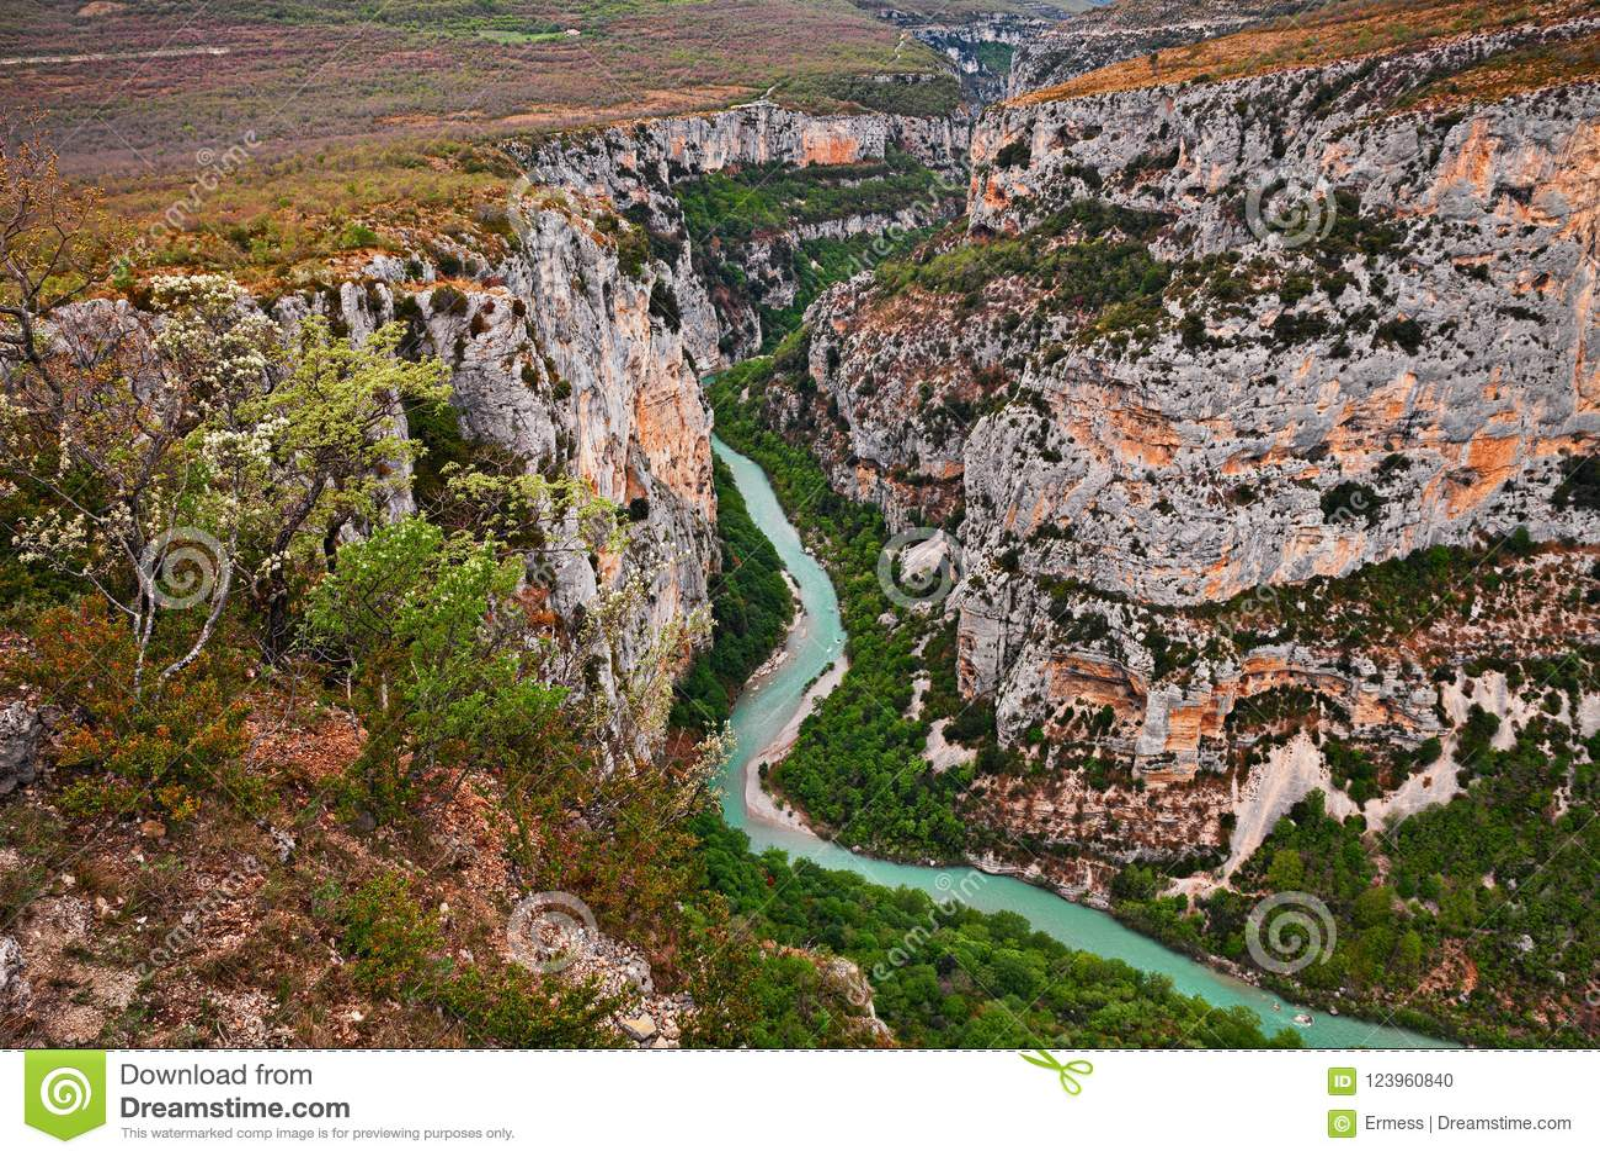 Ущелье Вердон, Провансаль, Франция: ландшафт каньона реки